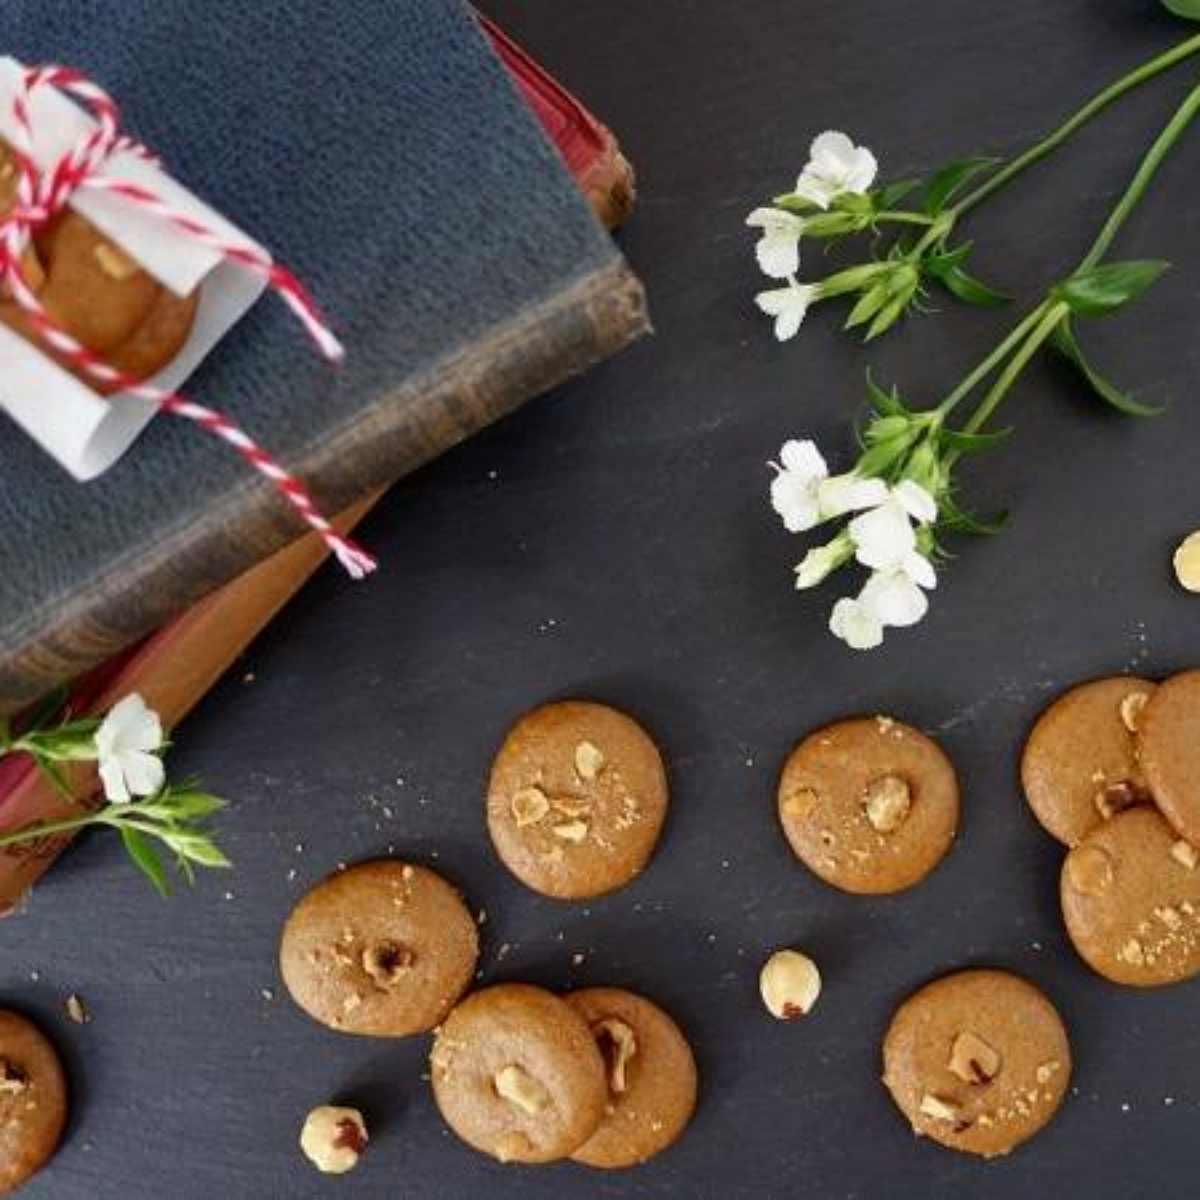 Bakening Gluten-Free Refined Sugar Free Healthy No Nasties Cookies